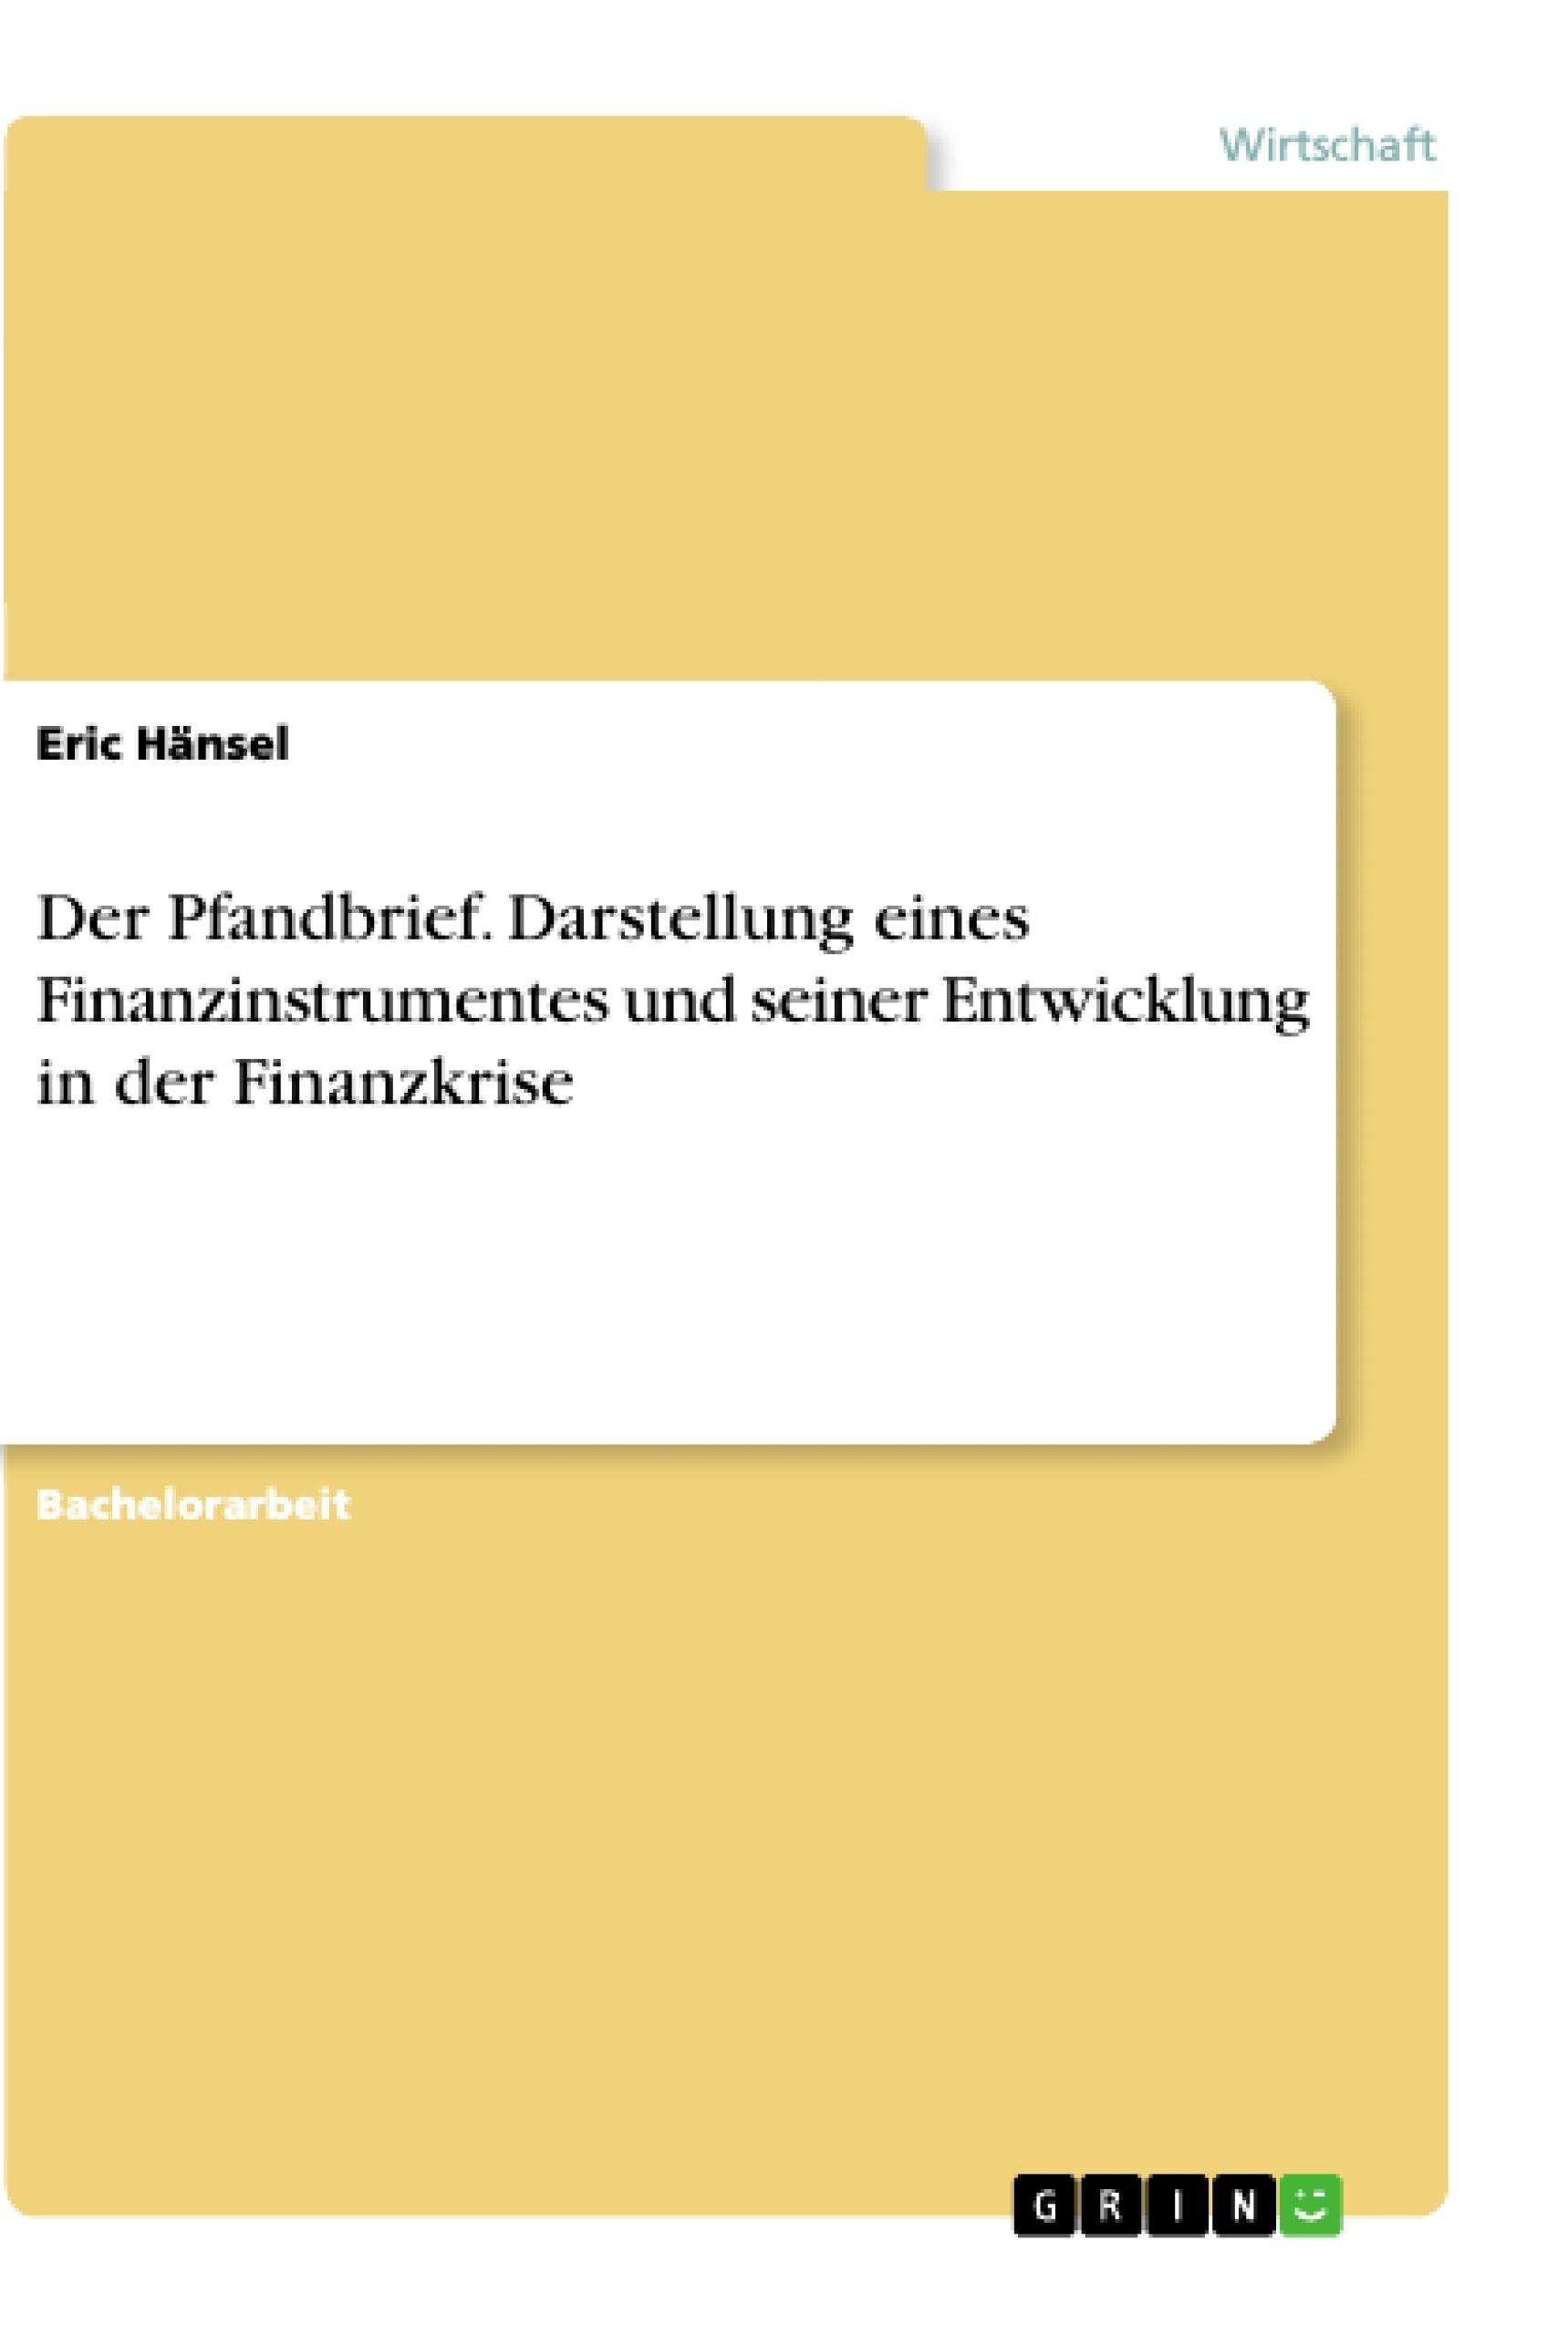 Titel: Der Pfandbrief. Darstellung eines Finanzinstrumentes und seiner Entwicklung in der Finanzkrise